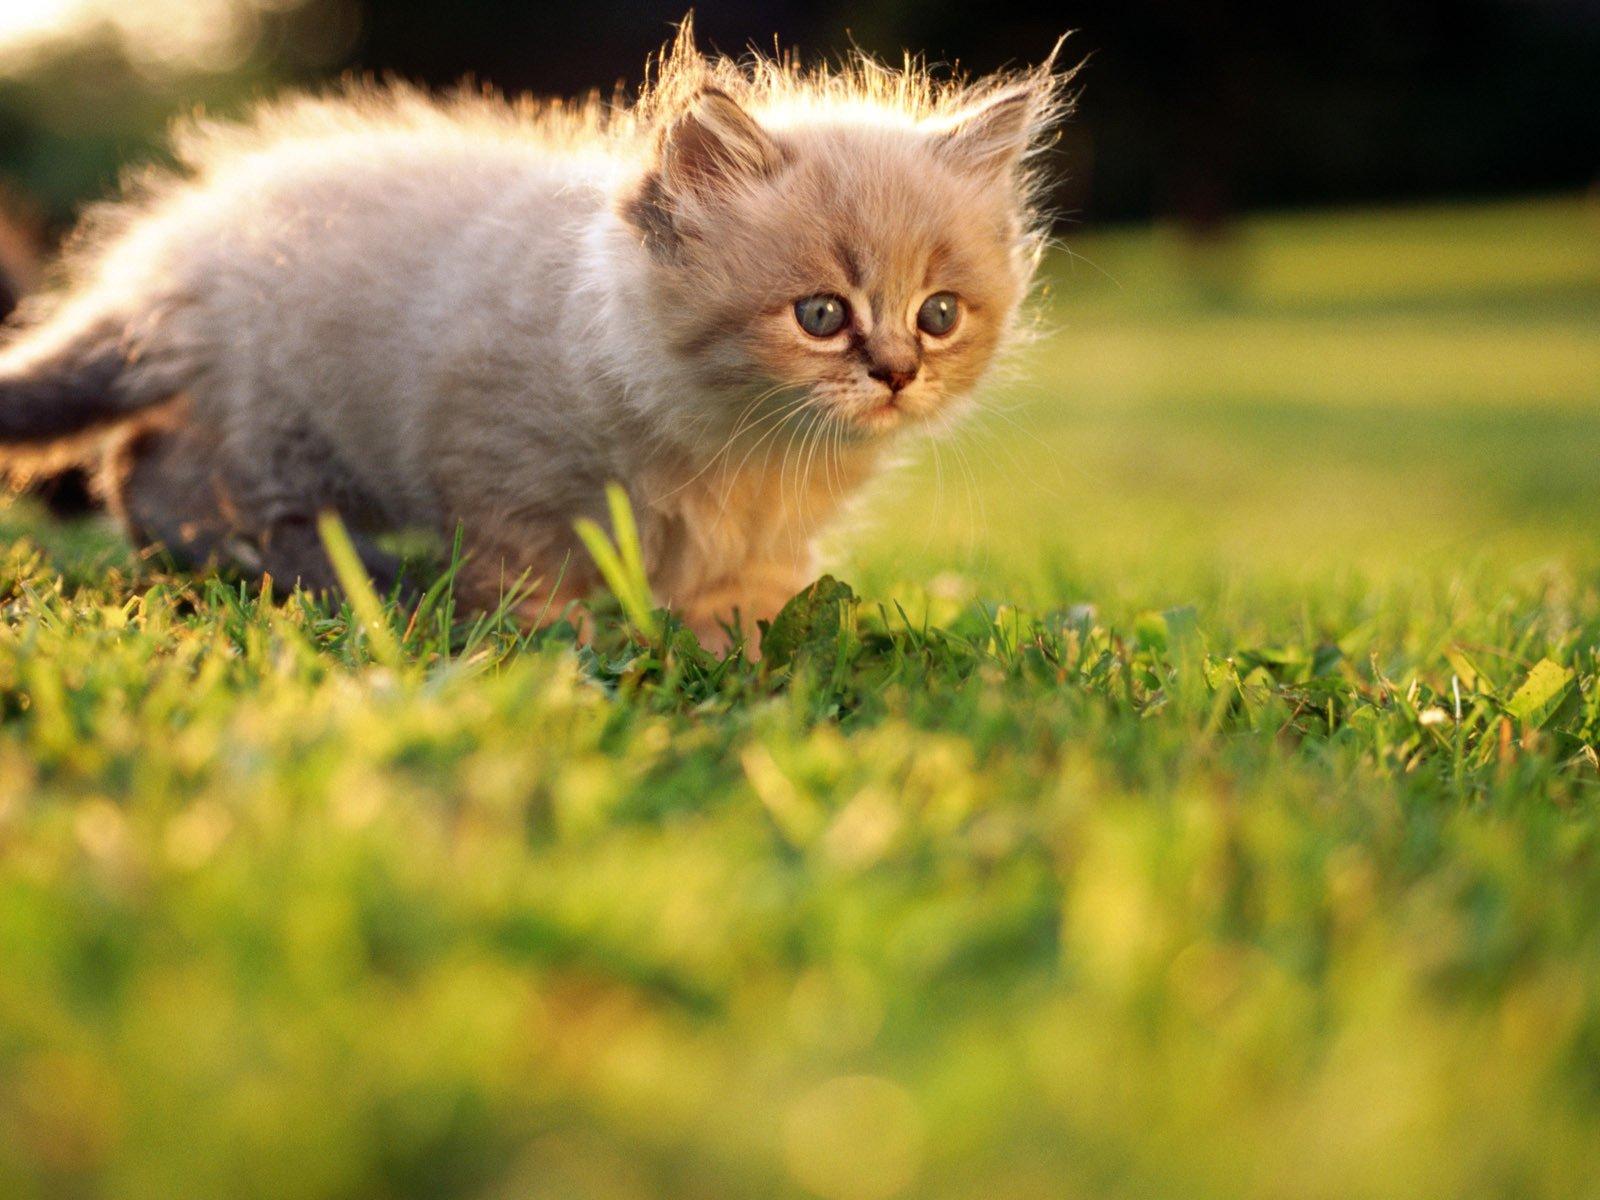 Котенок играющий с кошкой в траве  № 1994940  скачать